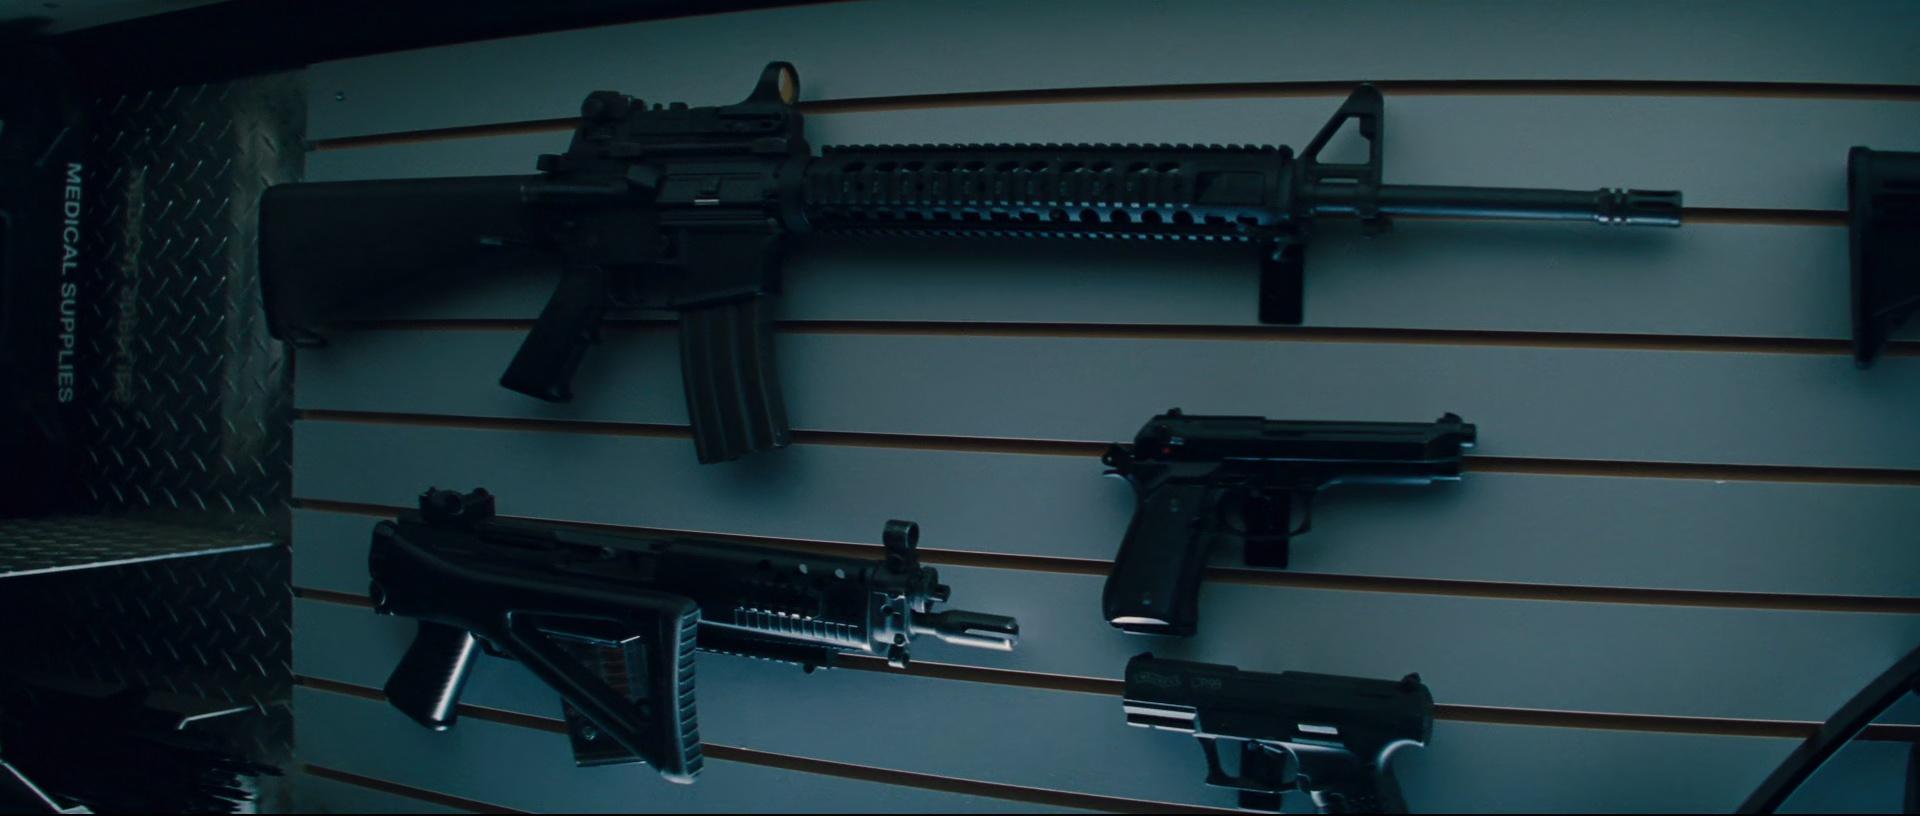 List of Firearms | Marvel Cinematic Universe Wiki | FANDOM